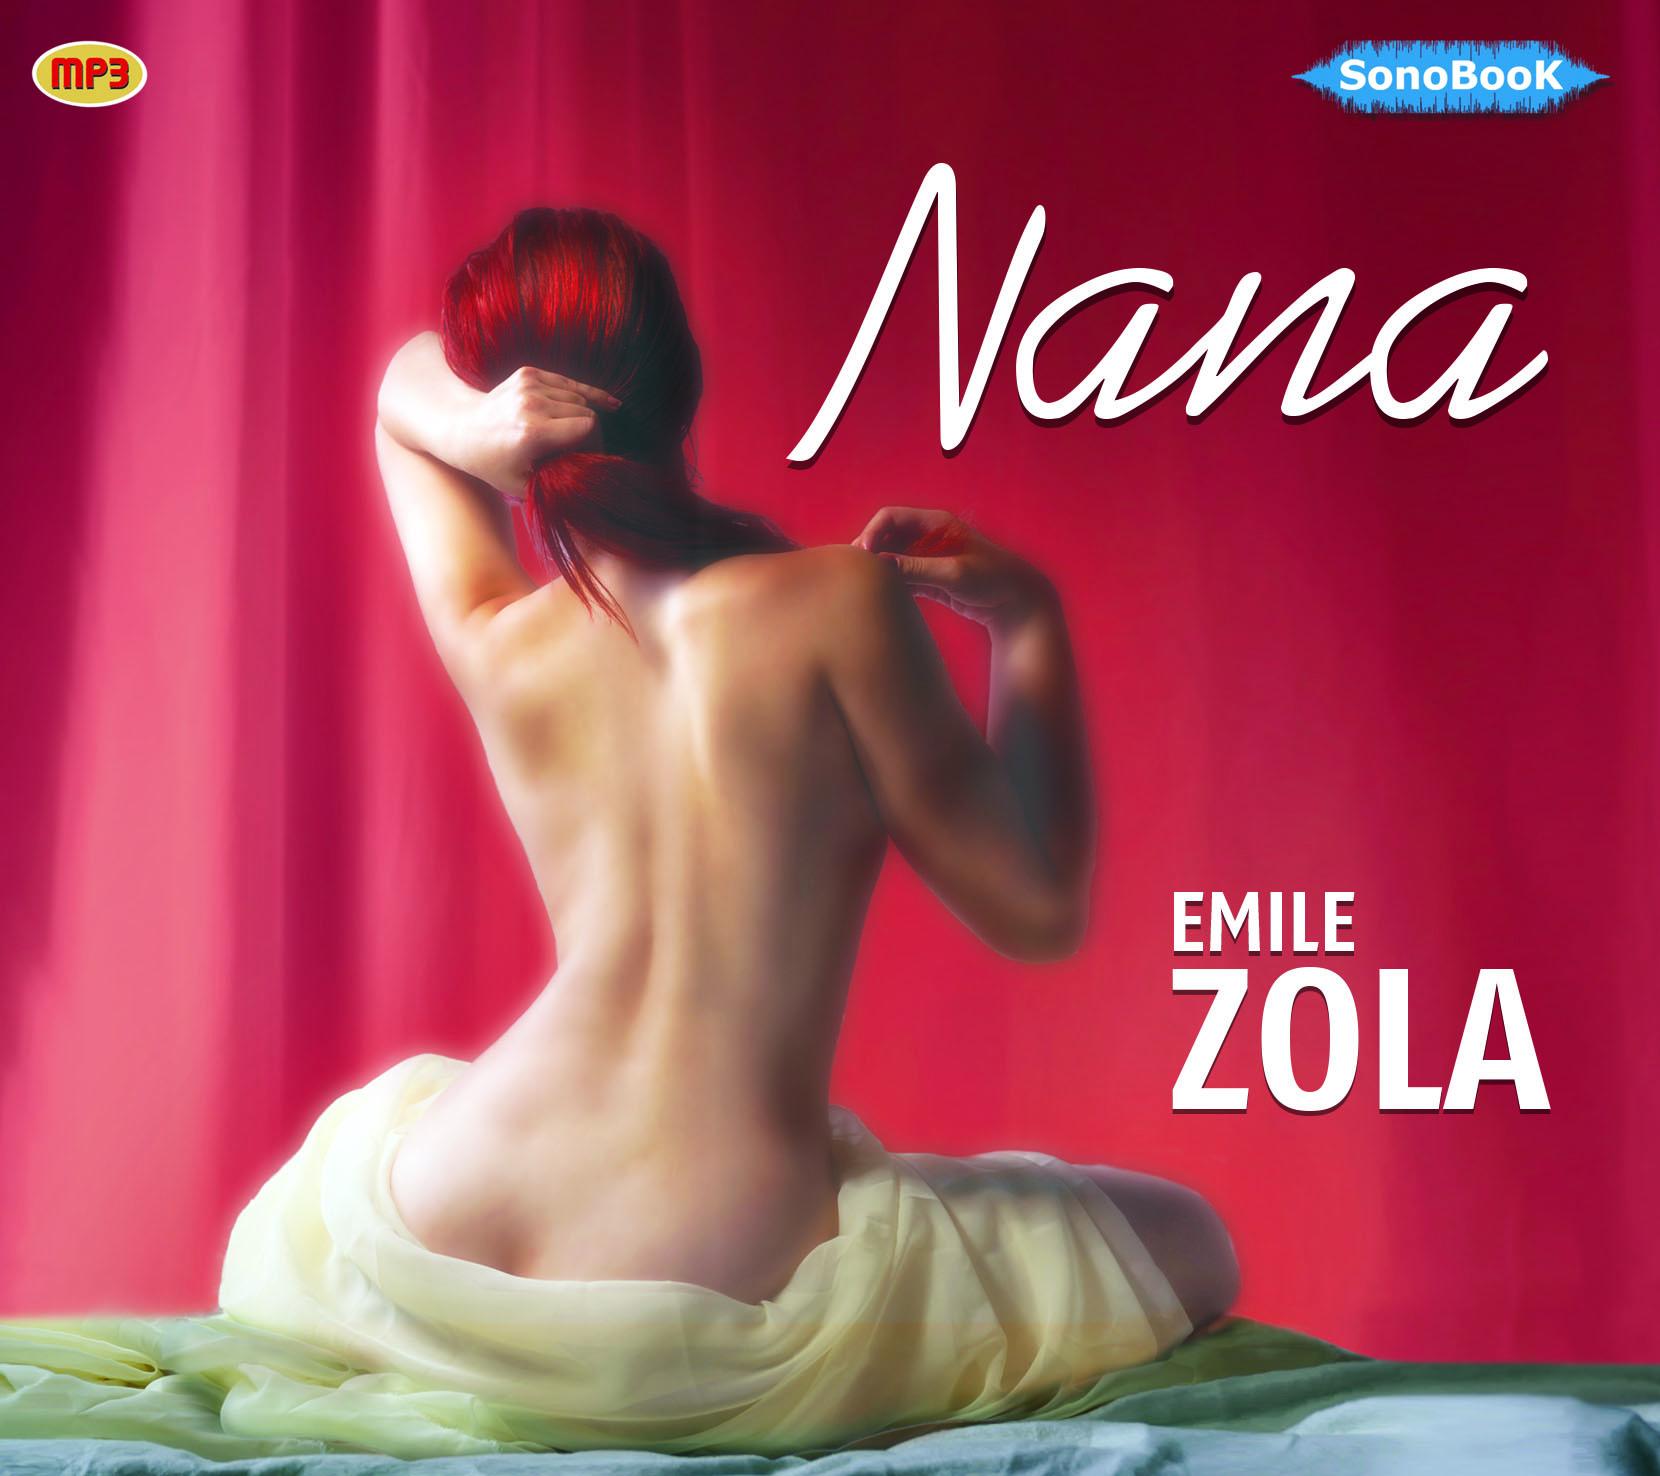 Zola édition rencontre